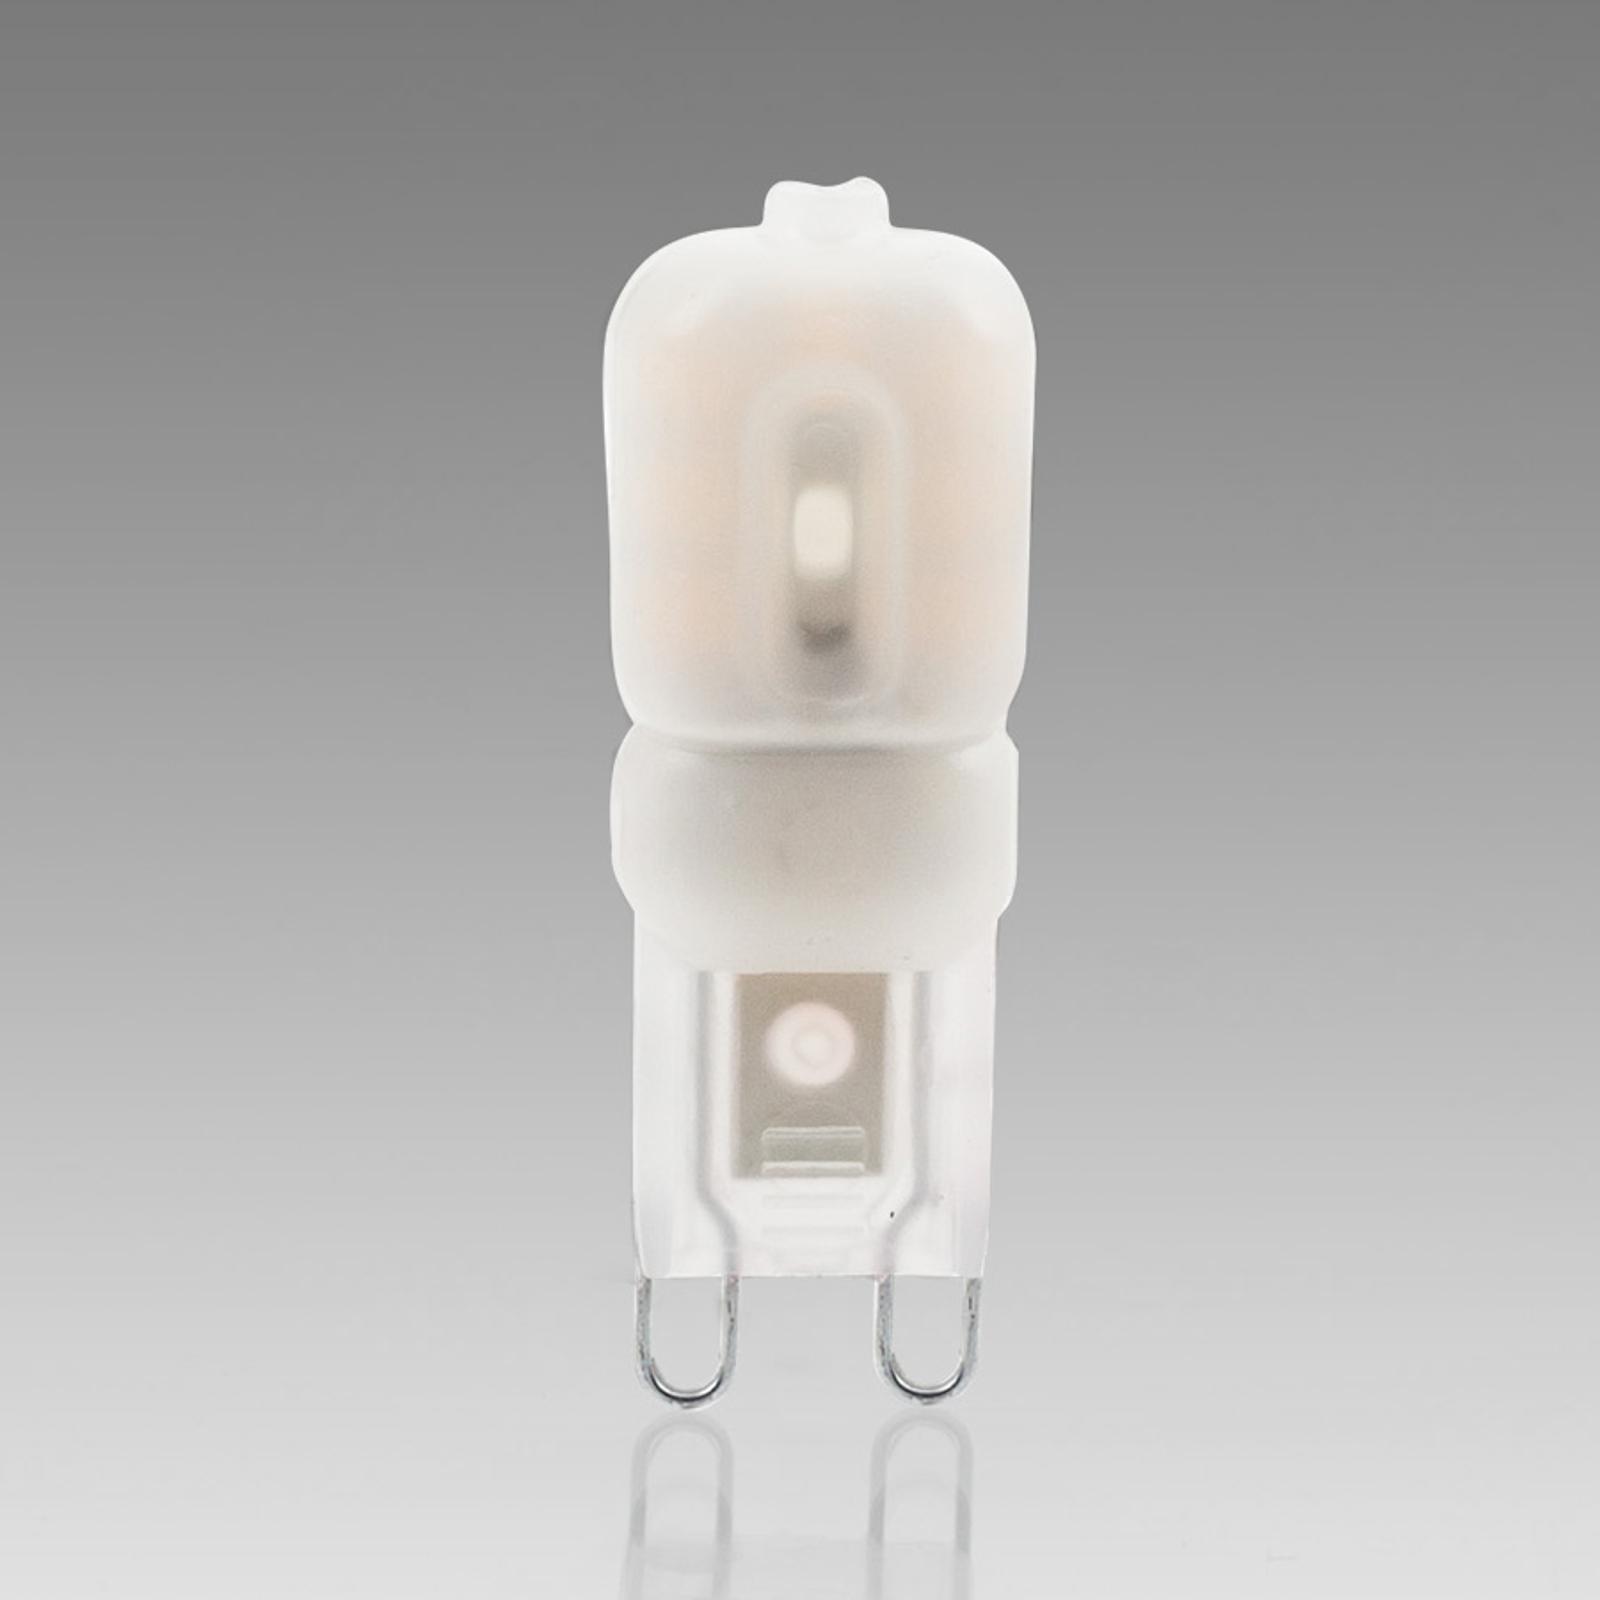 G9 2,5W 830 LED-Stiftsockellampe, opal